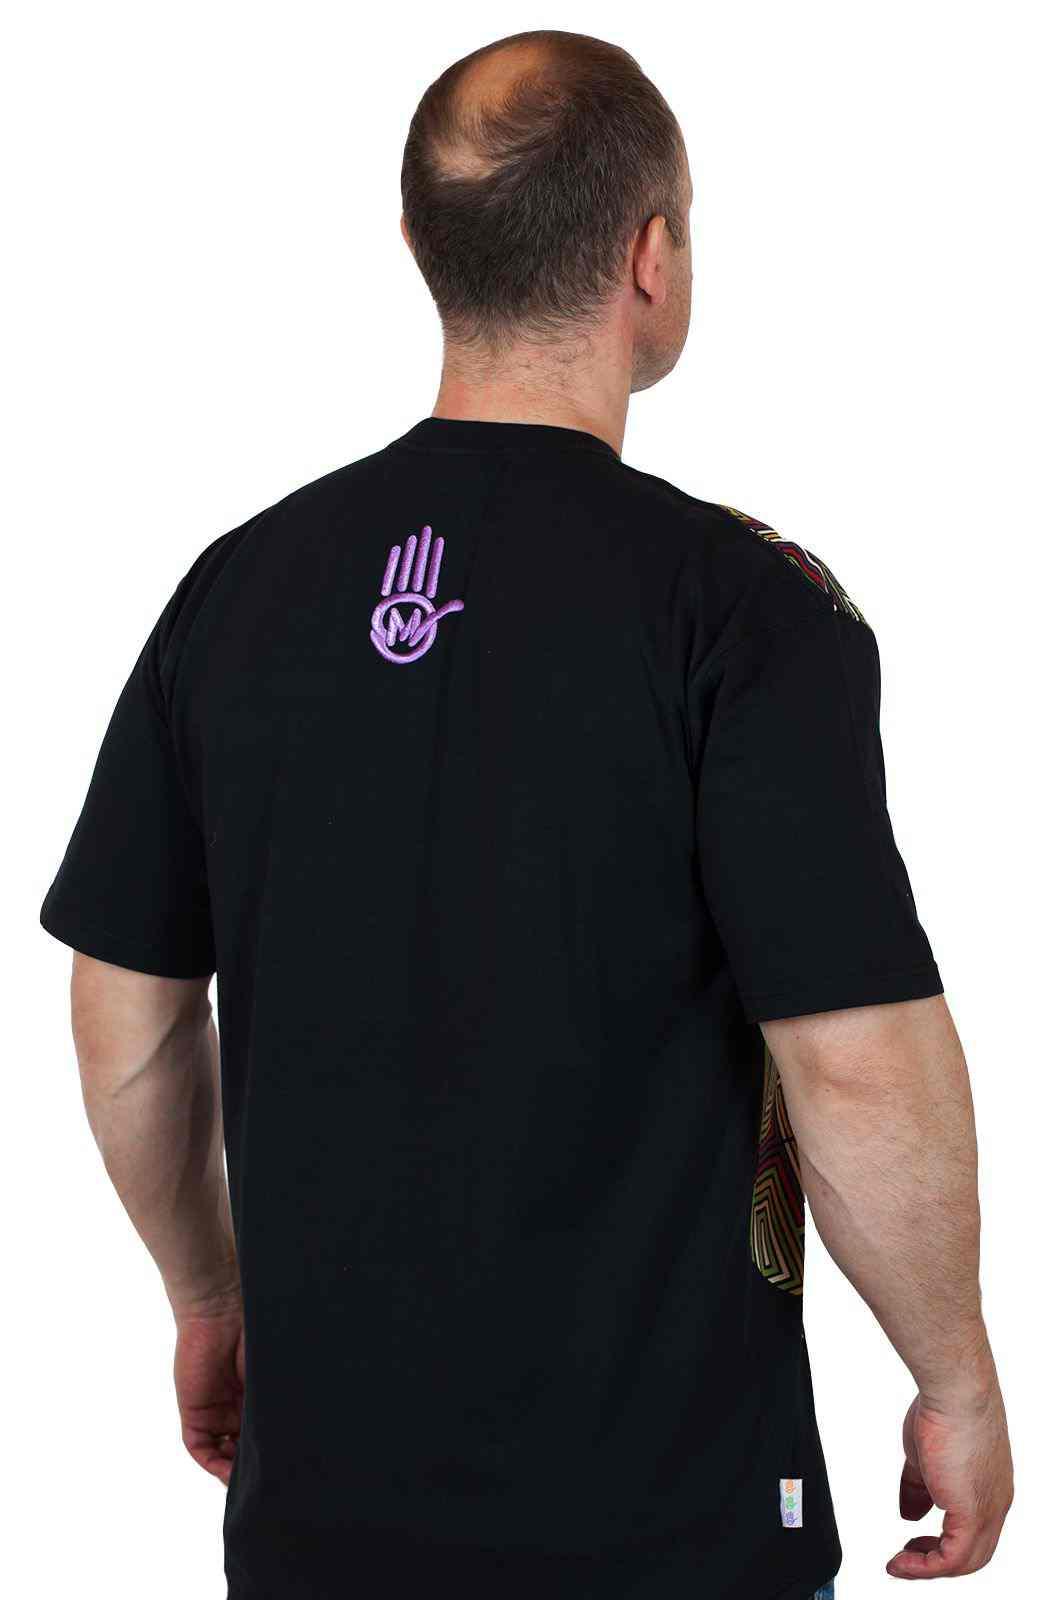 Уникальная дизайнерская футболка от Miskeen Originals-вид сзади